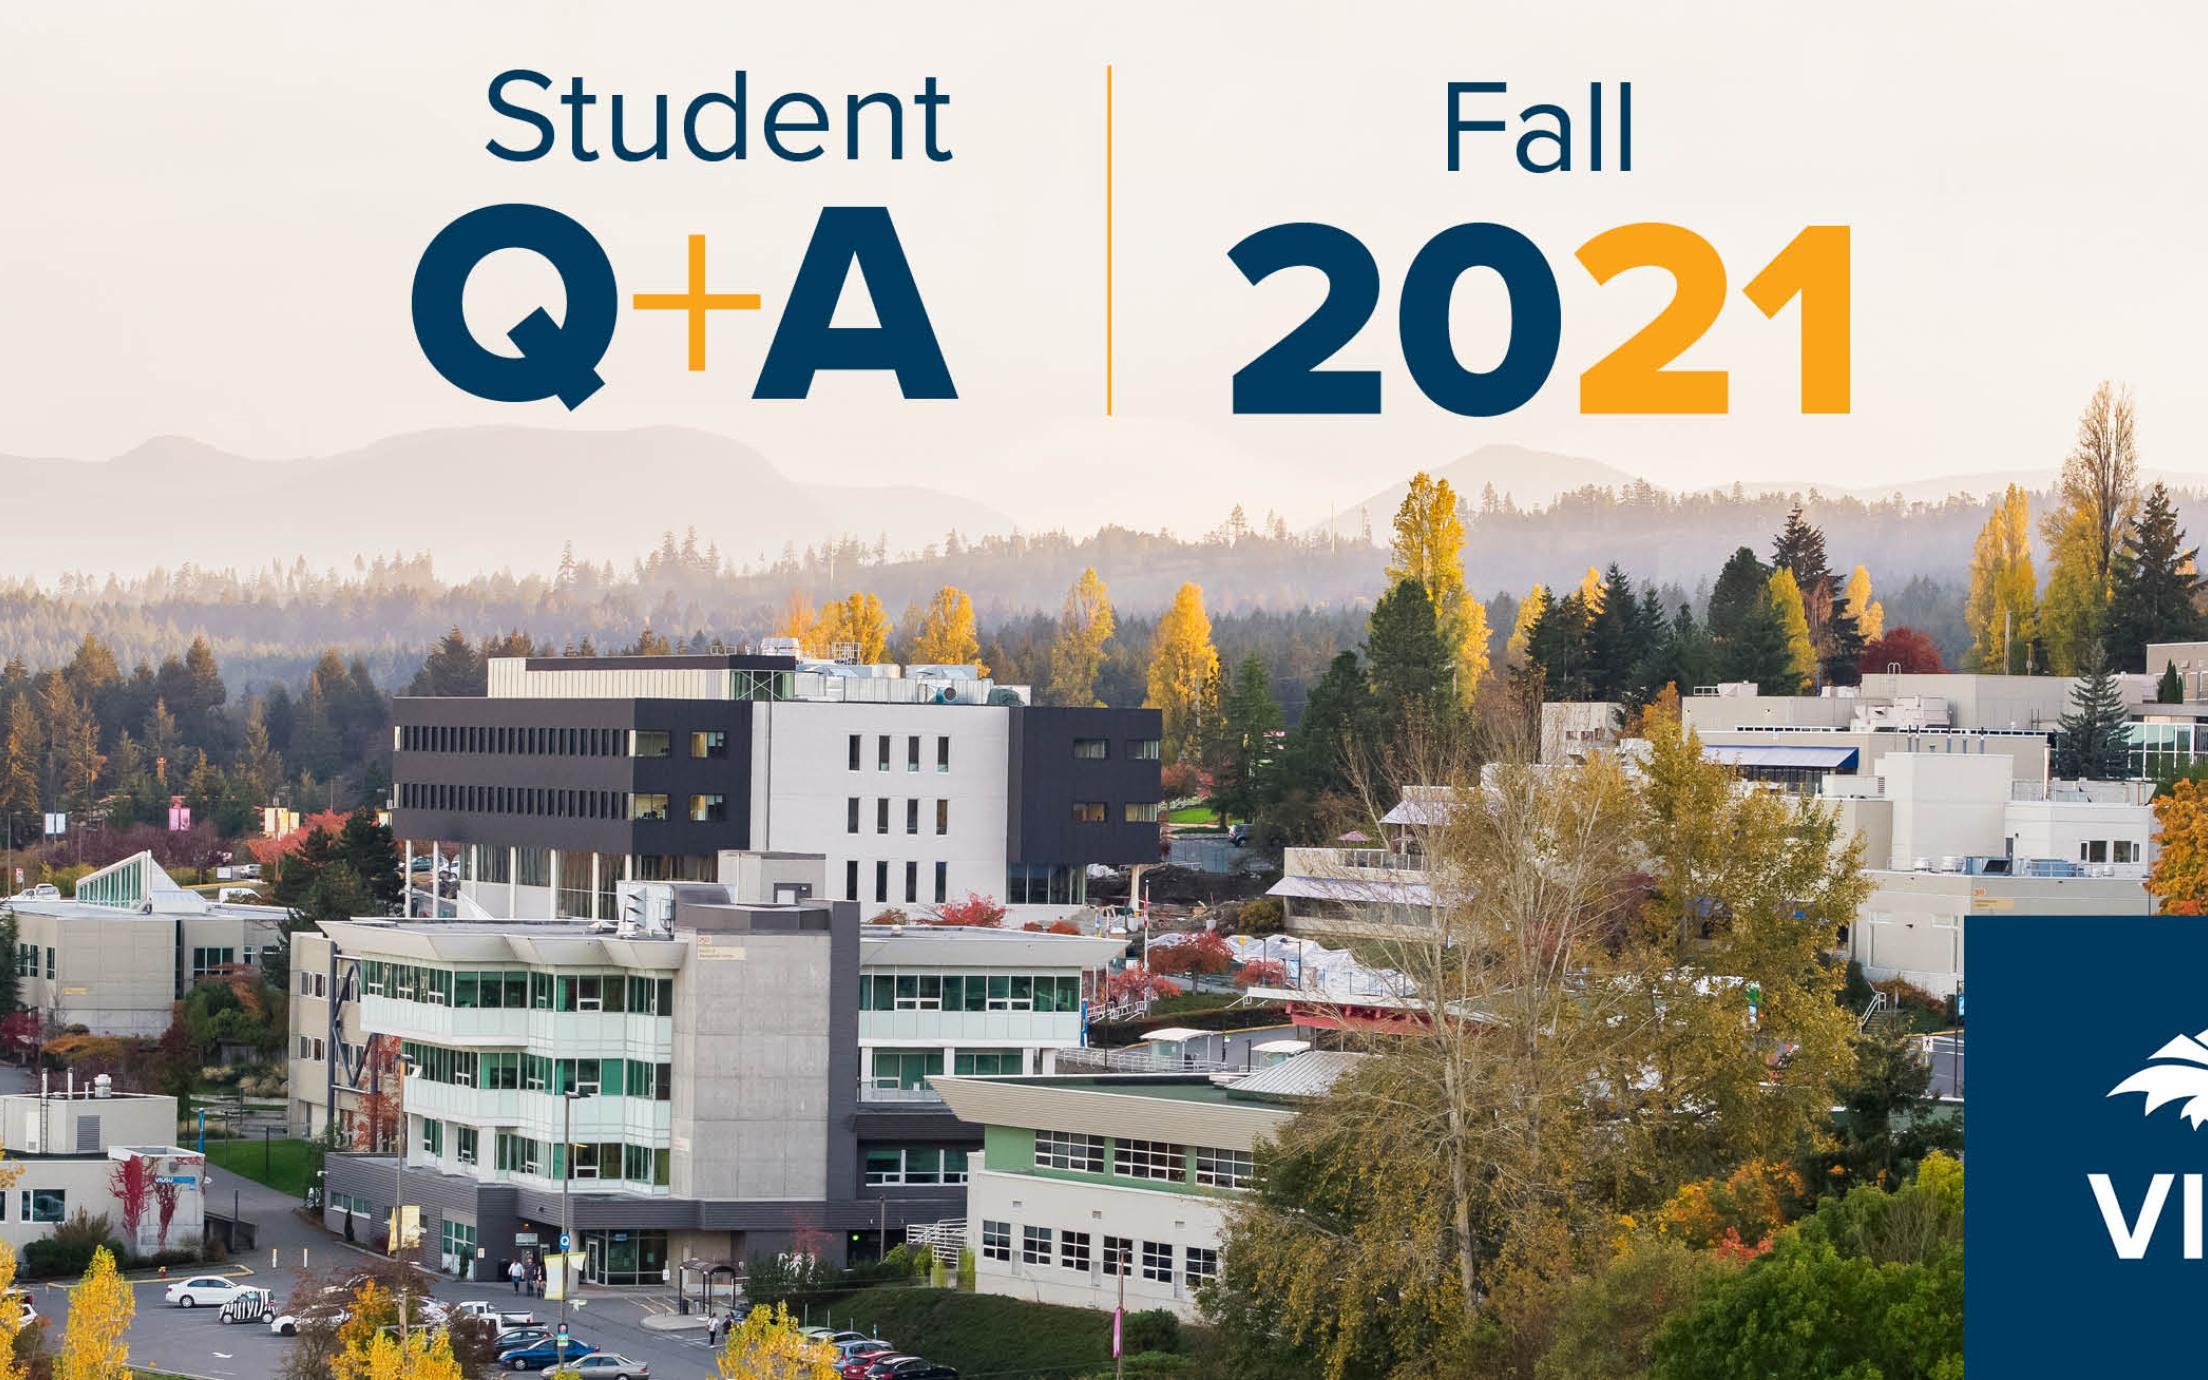 Aerial view of VIU campus